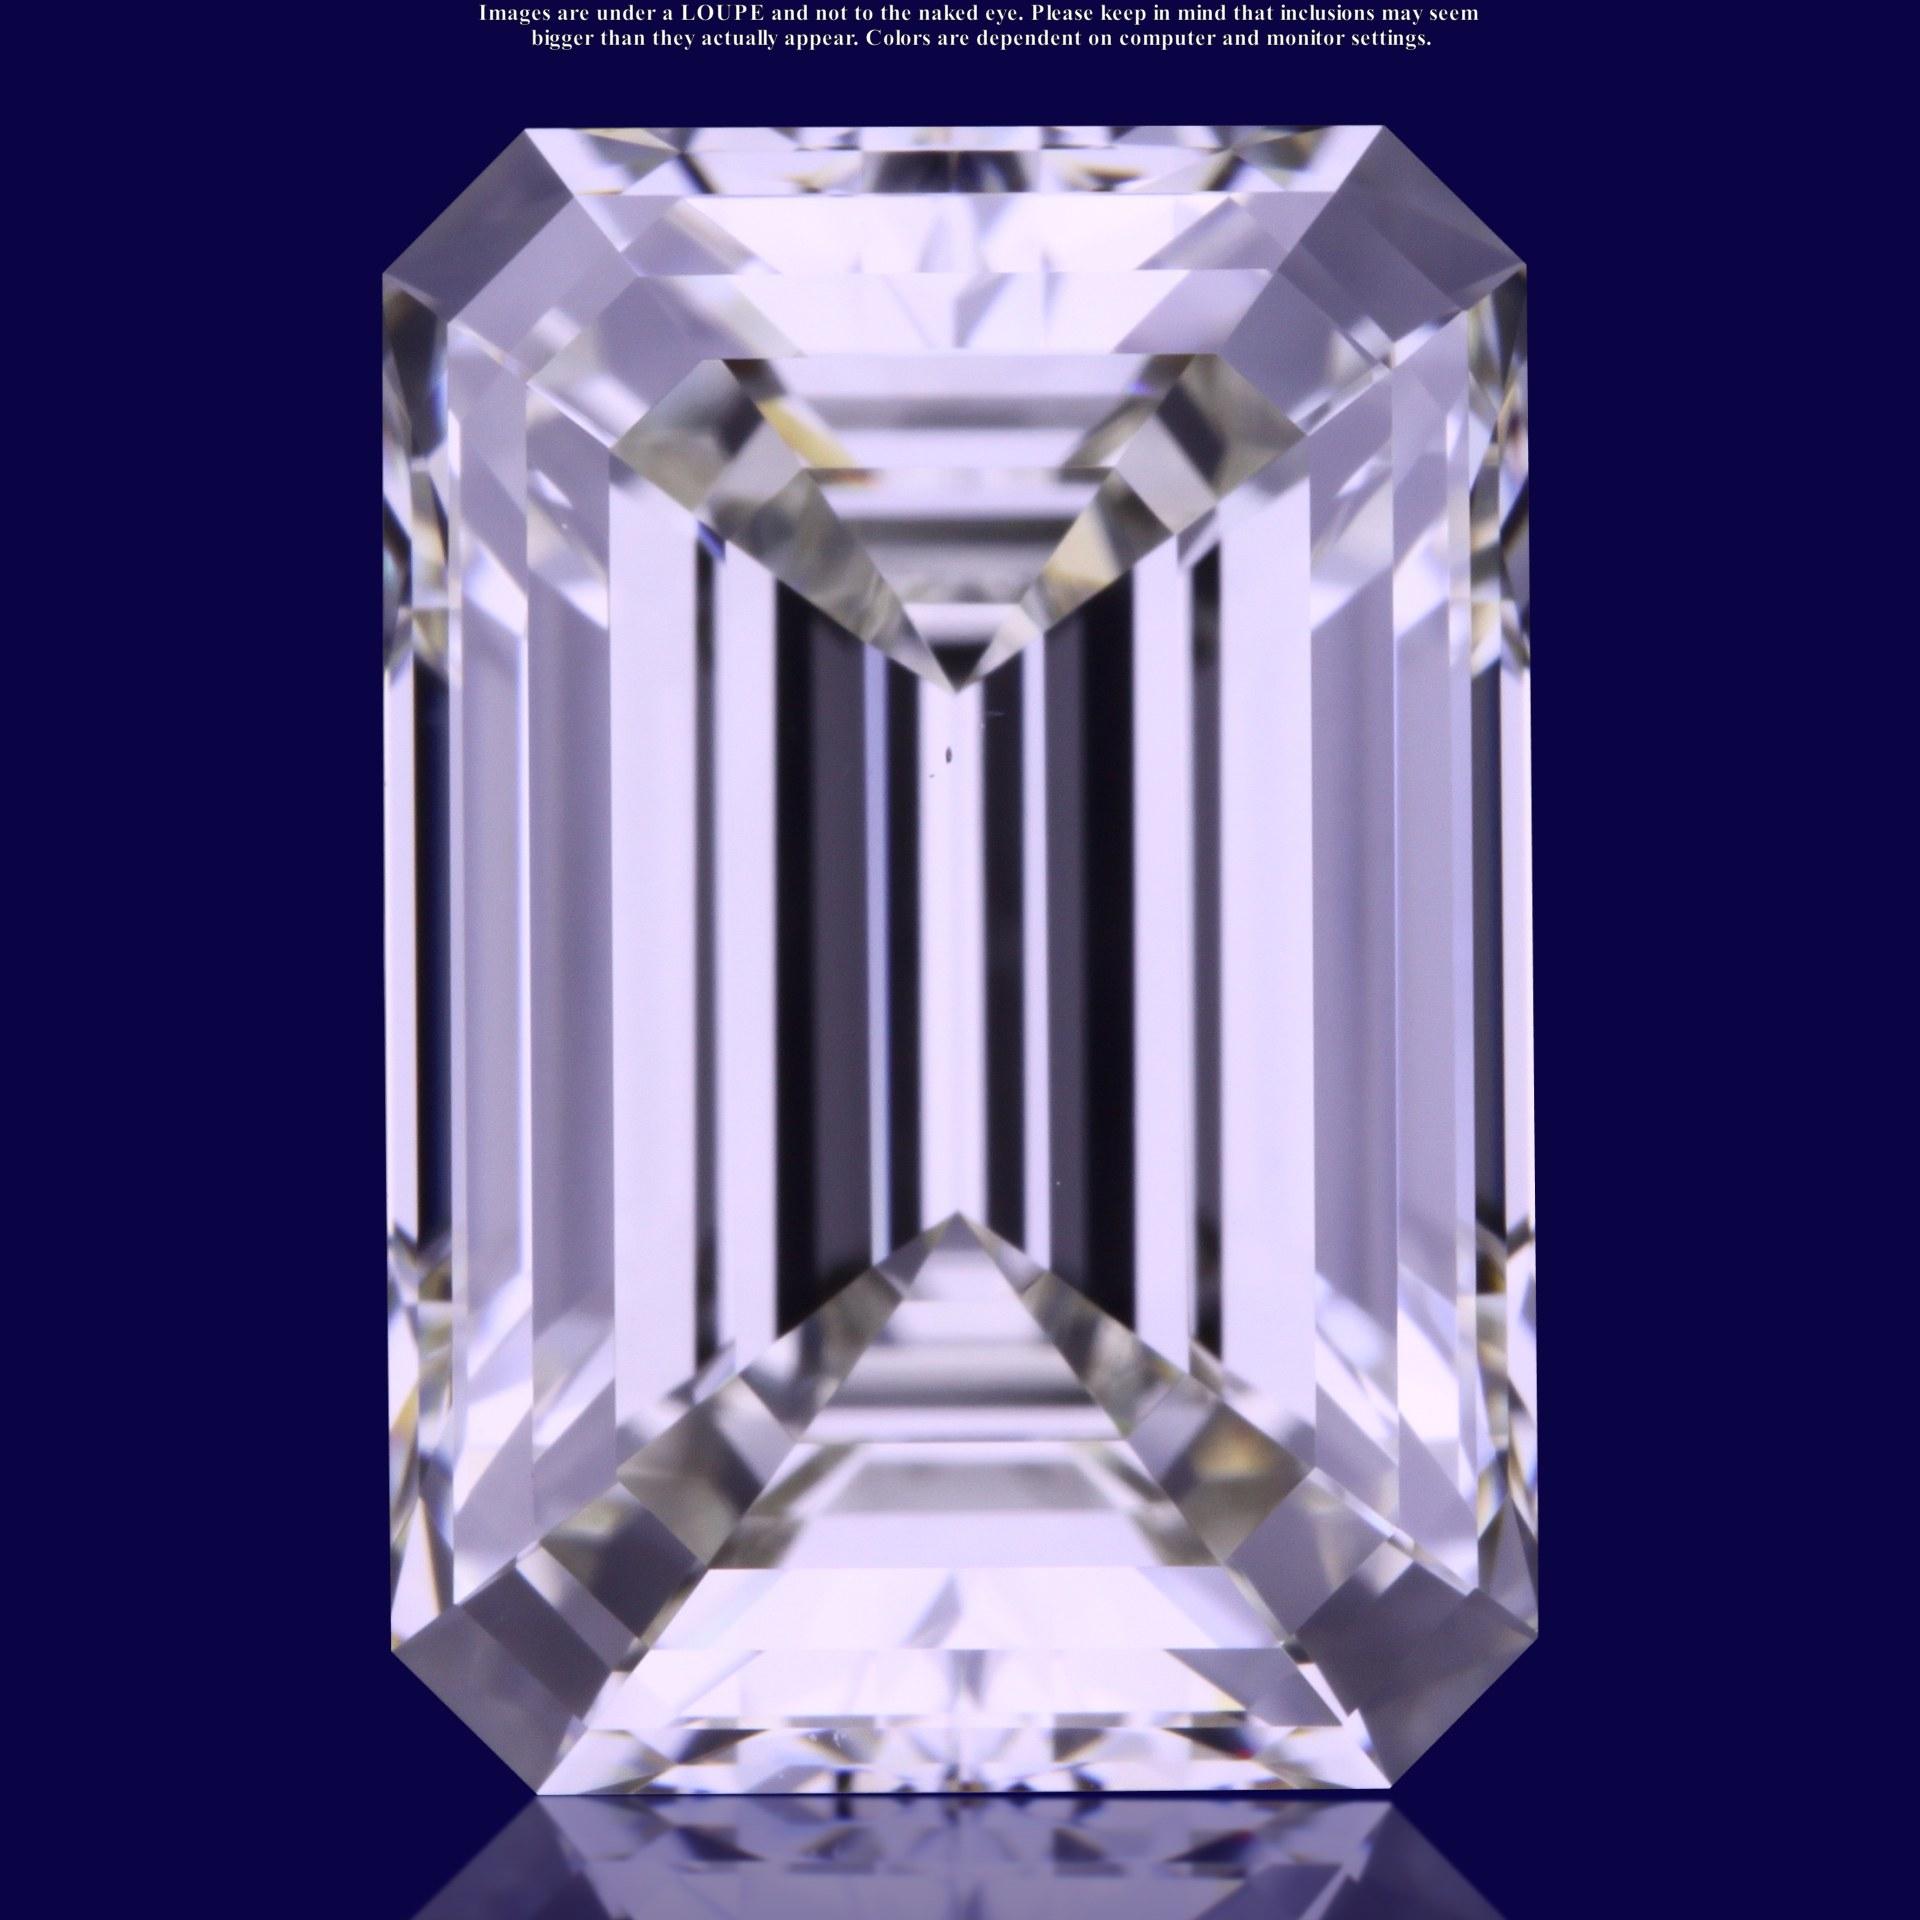 Gumer & Co Jewelry - Diamond Image - E01674